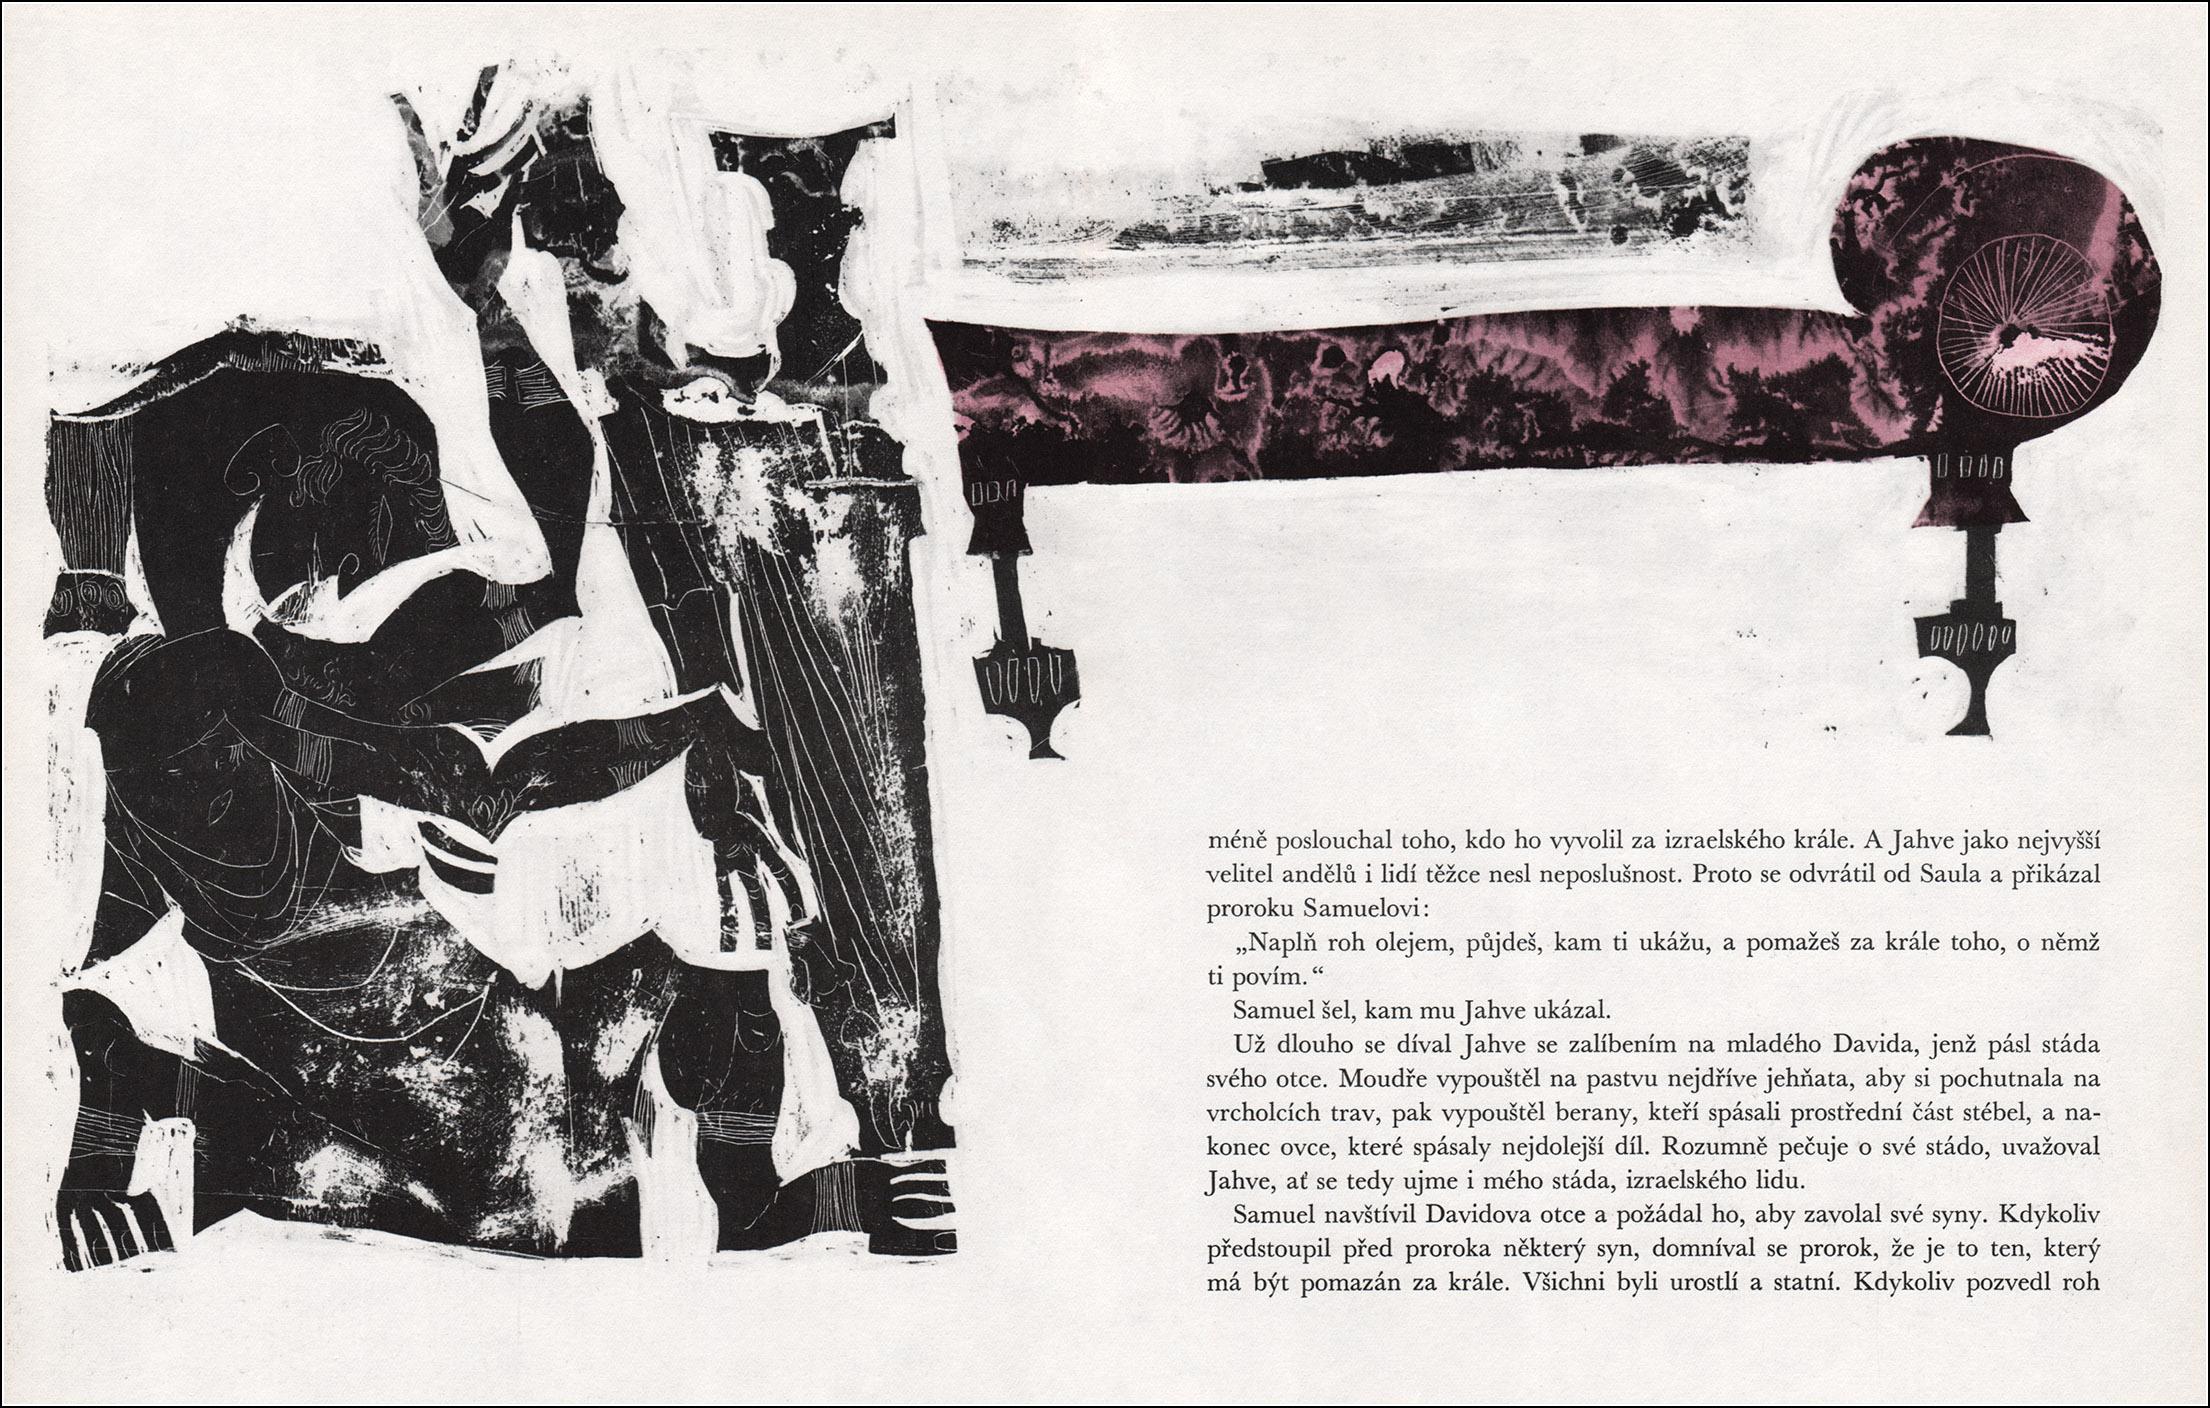 Karel Teissig, Přiběhy, na které svítilo slunce